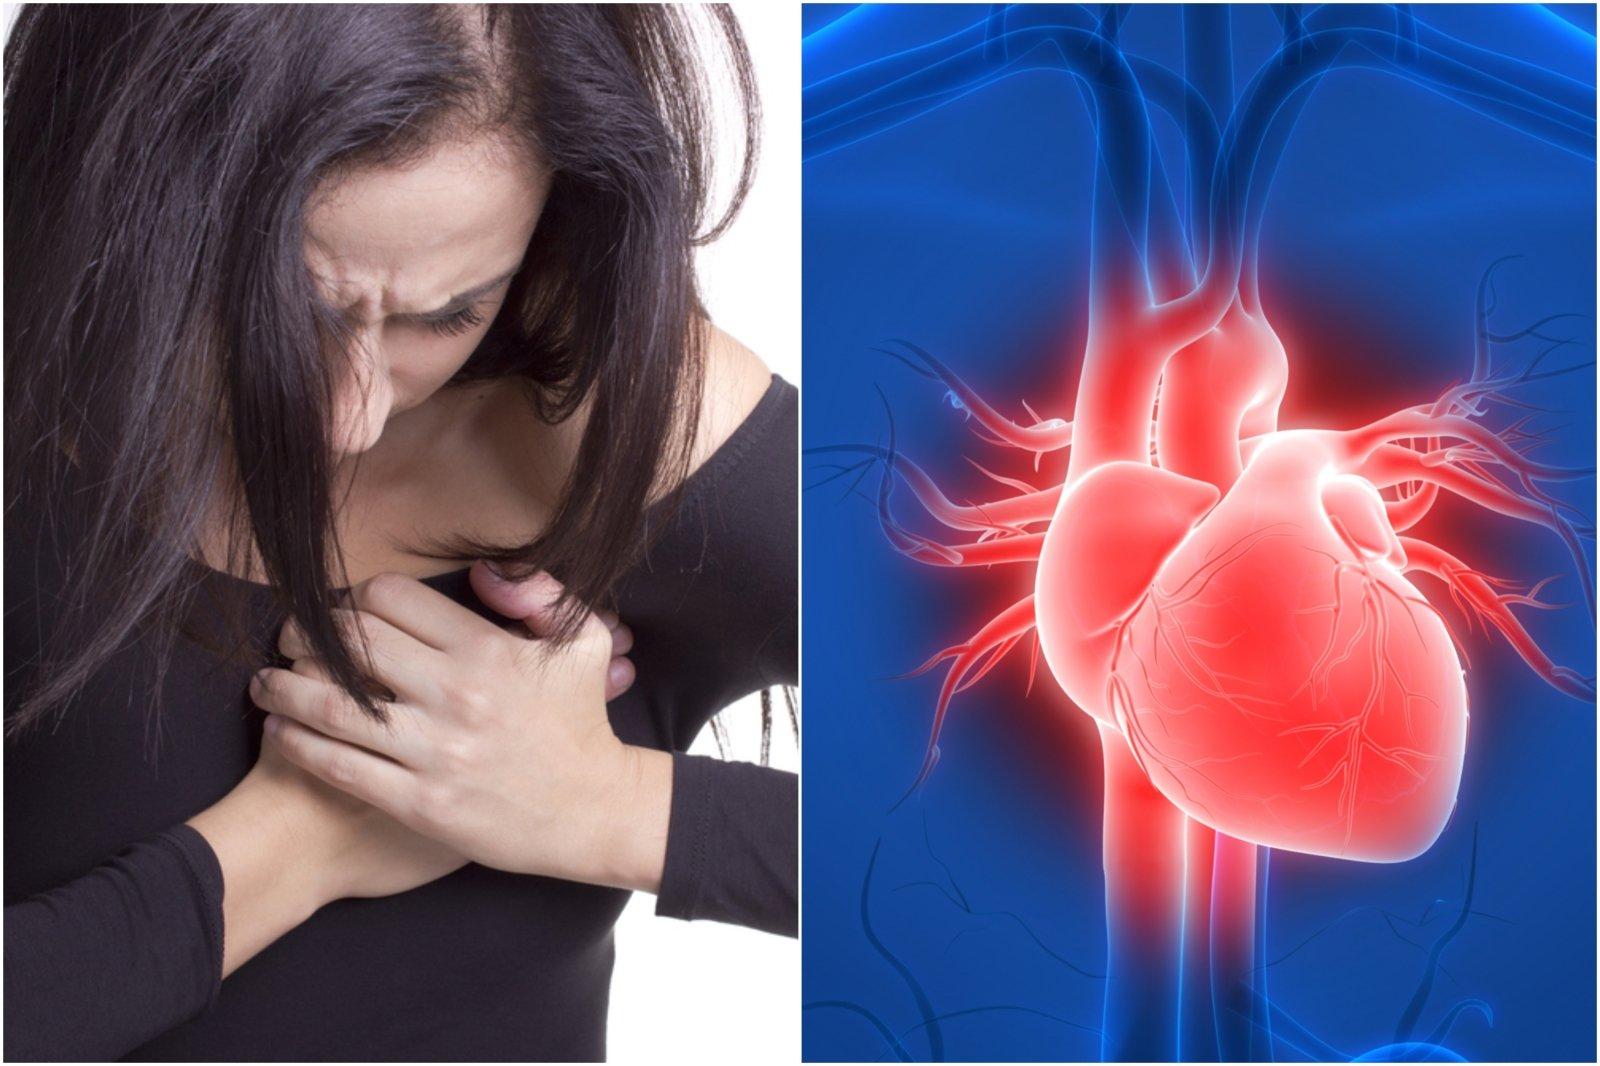 Širdies ydos - Vaiko Širdies Asociacija